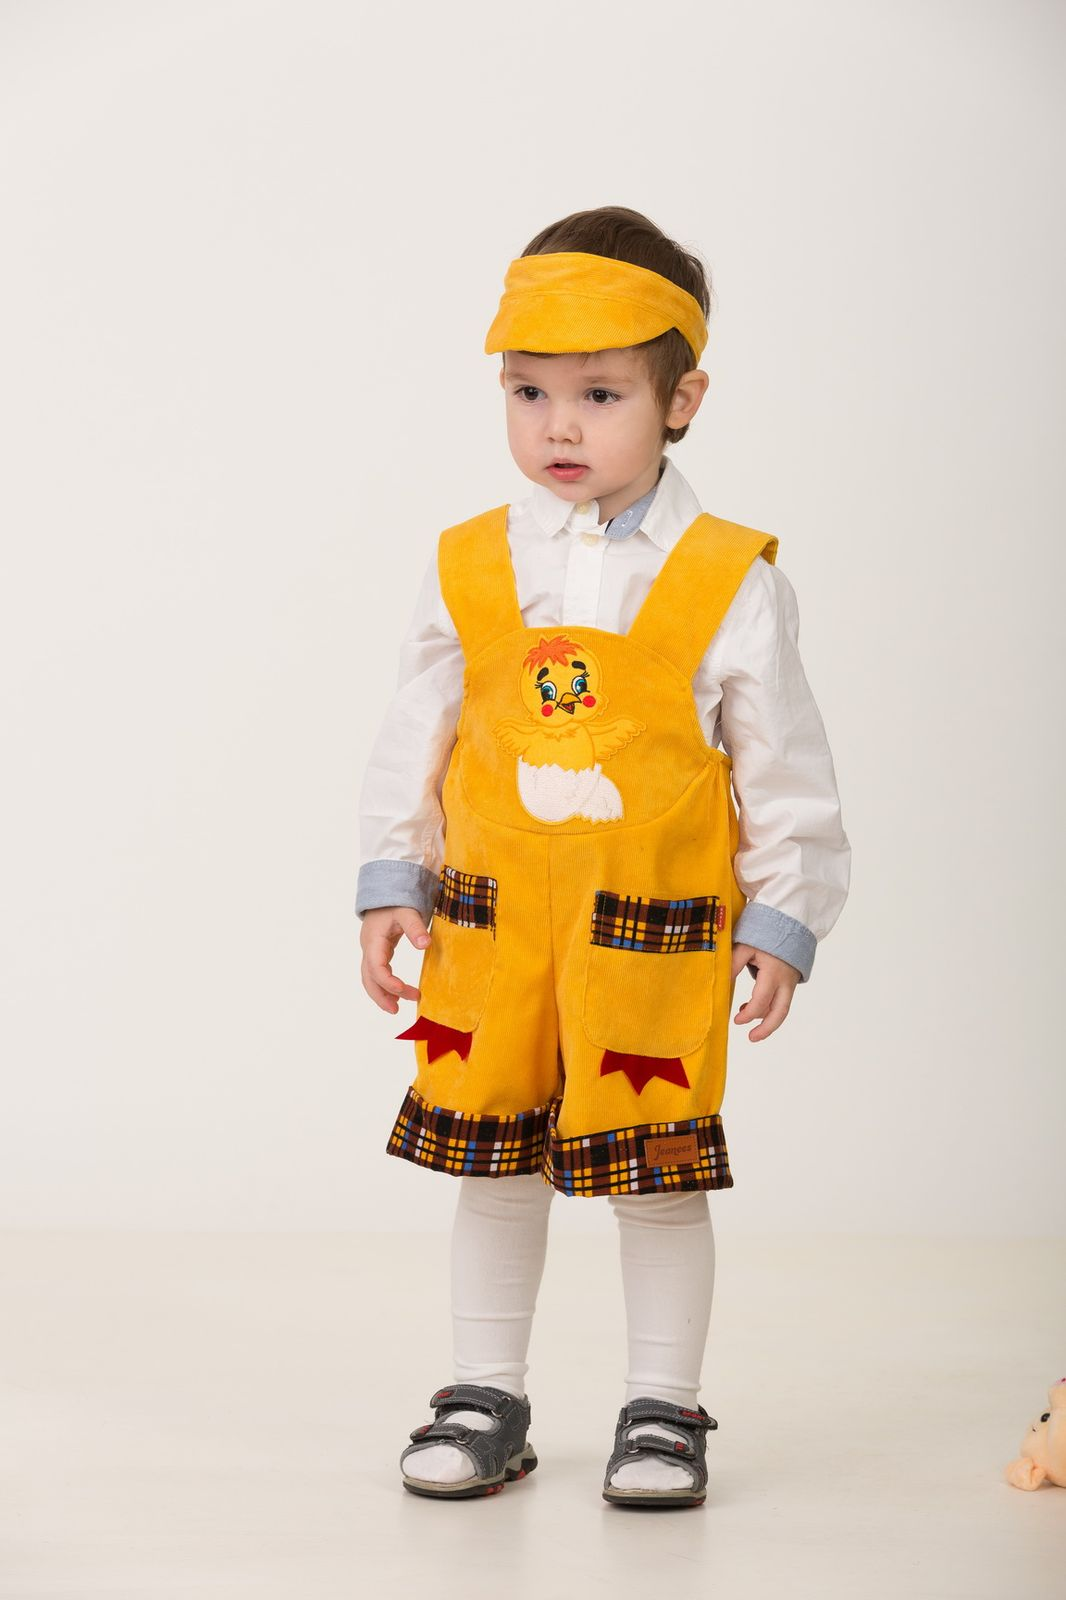 Карнавальный костюм Jeanees Цыплёнок Пончик, цвет: желтый. Размер: 30 карнавальный костюм jeanees зайка капризка цвет голубой размер 30